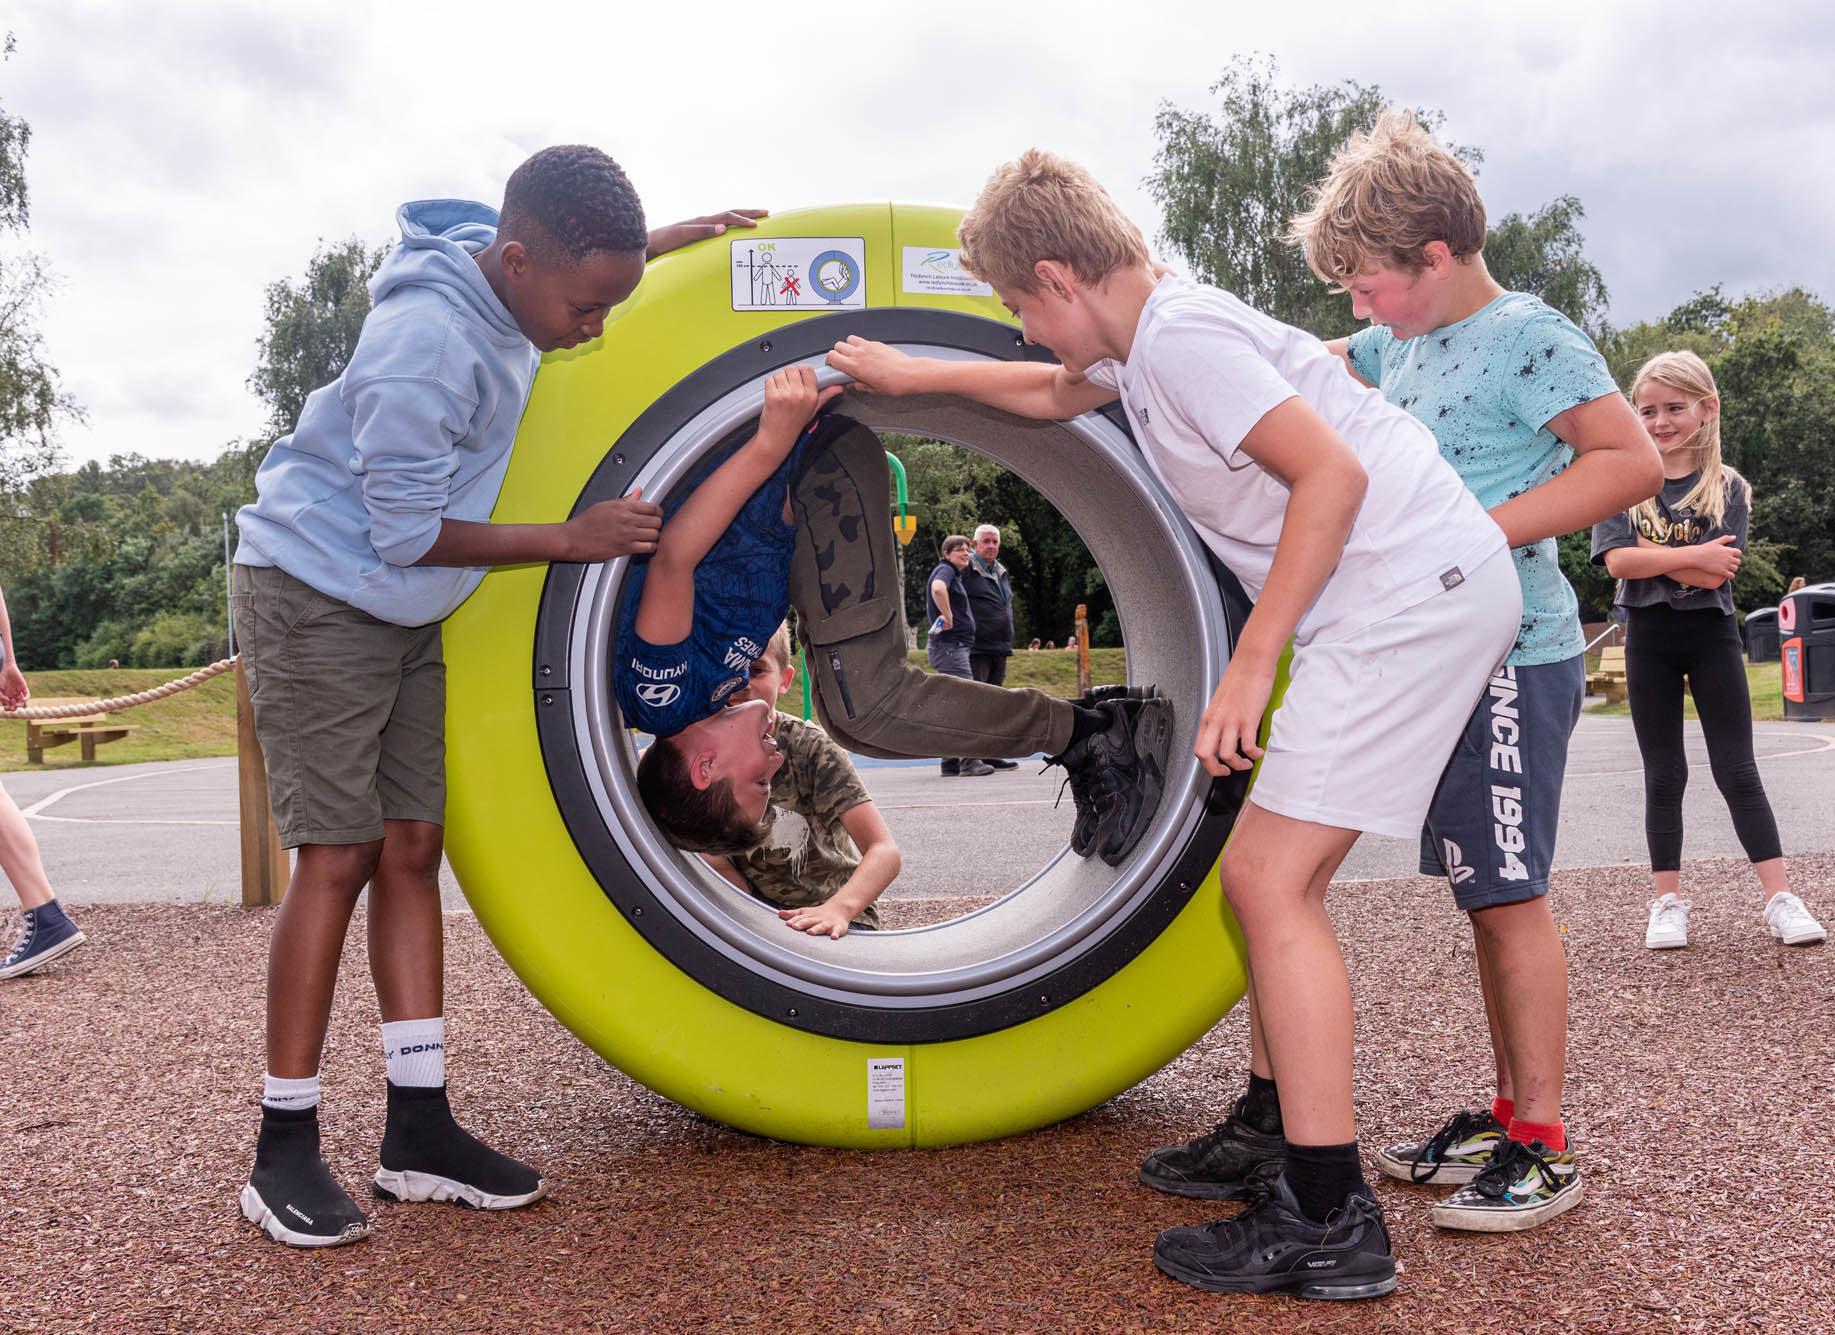 spinning machine playground equipment